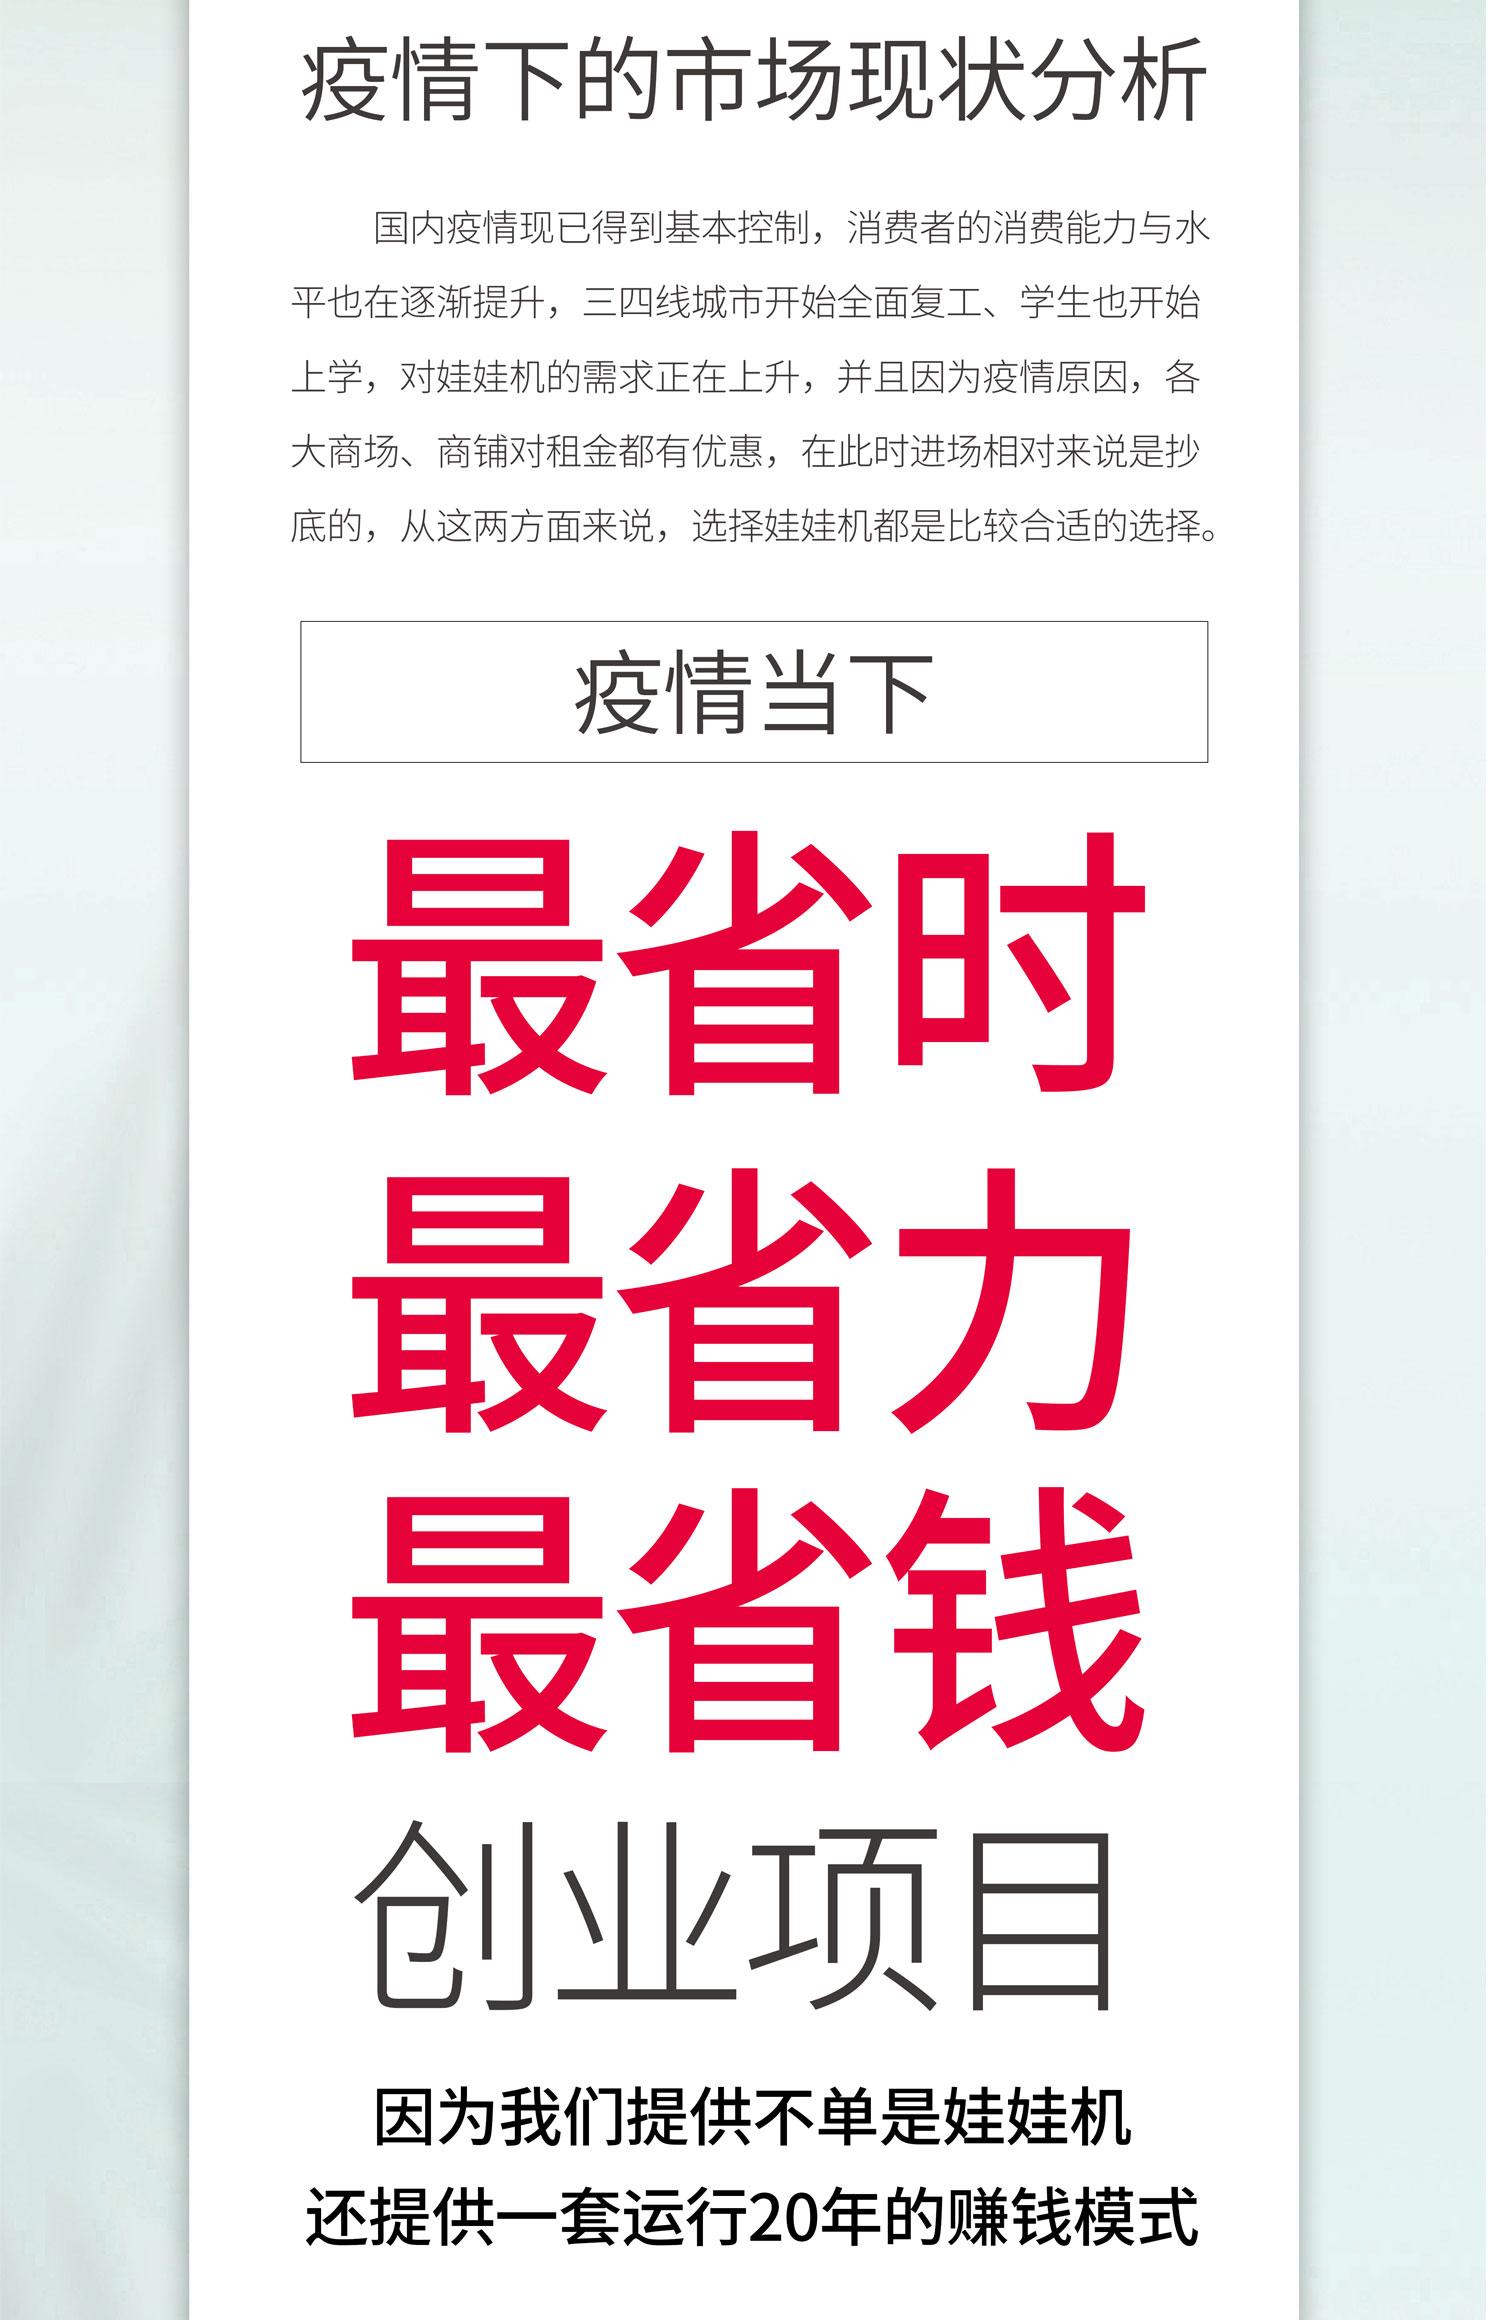 网站娃娃机租赁详情终板_03.jpg